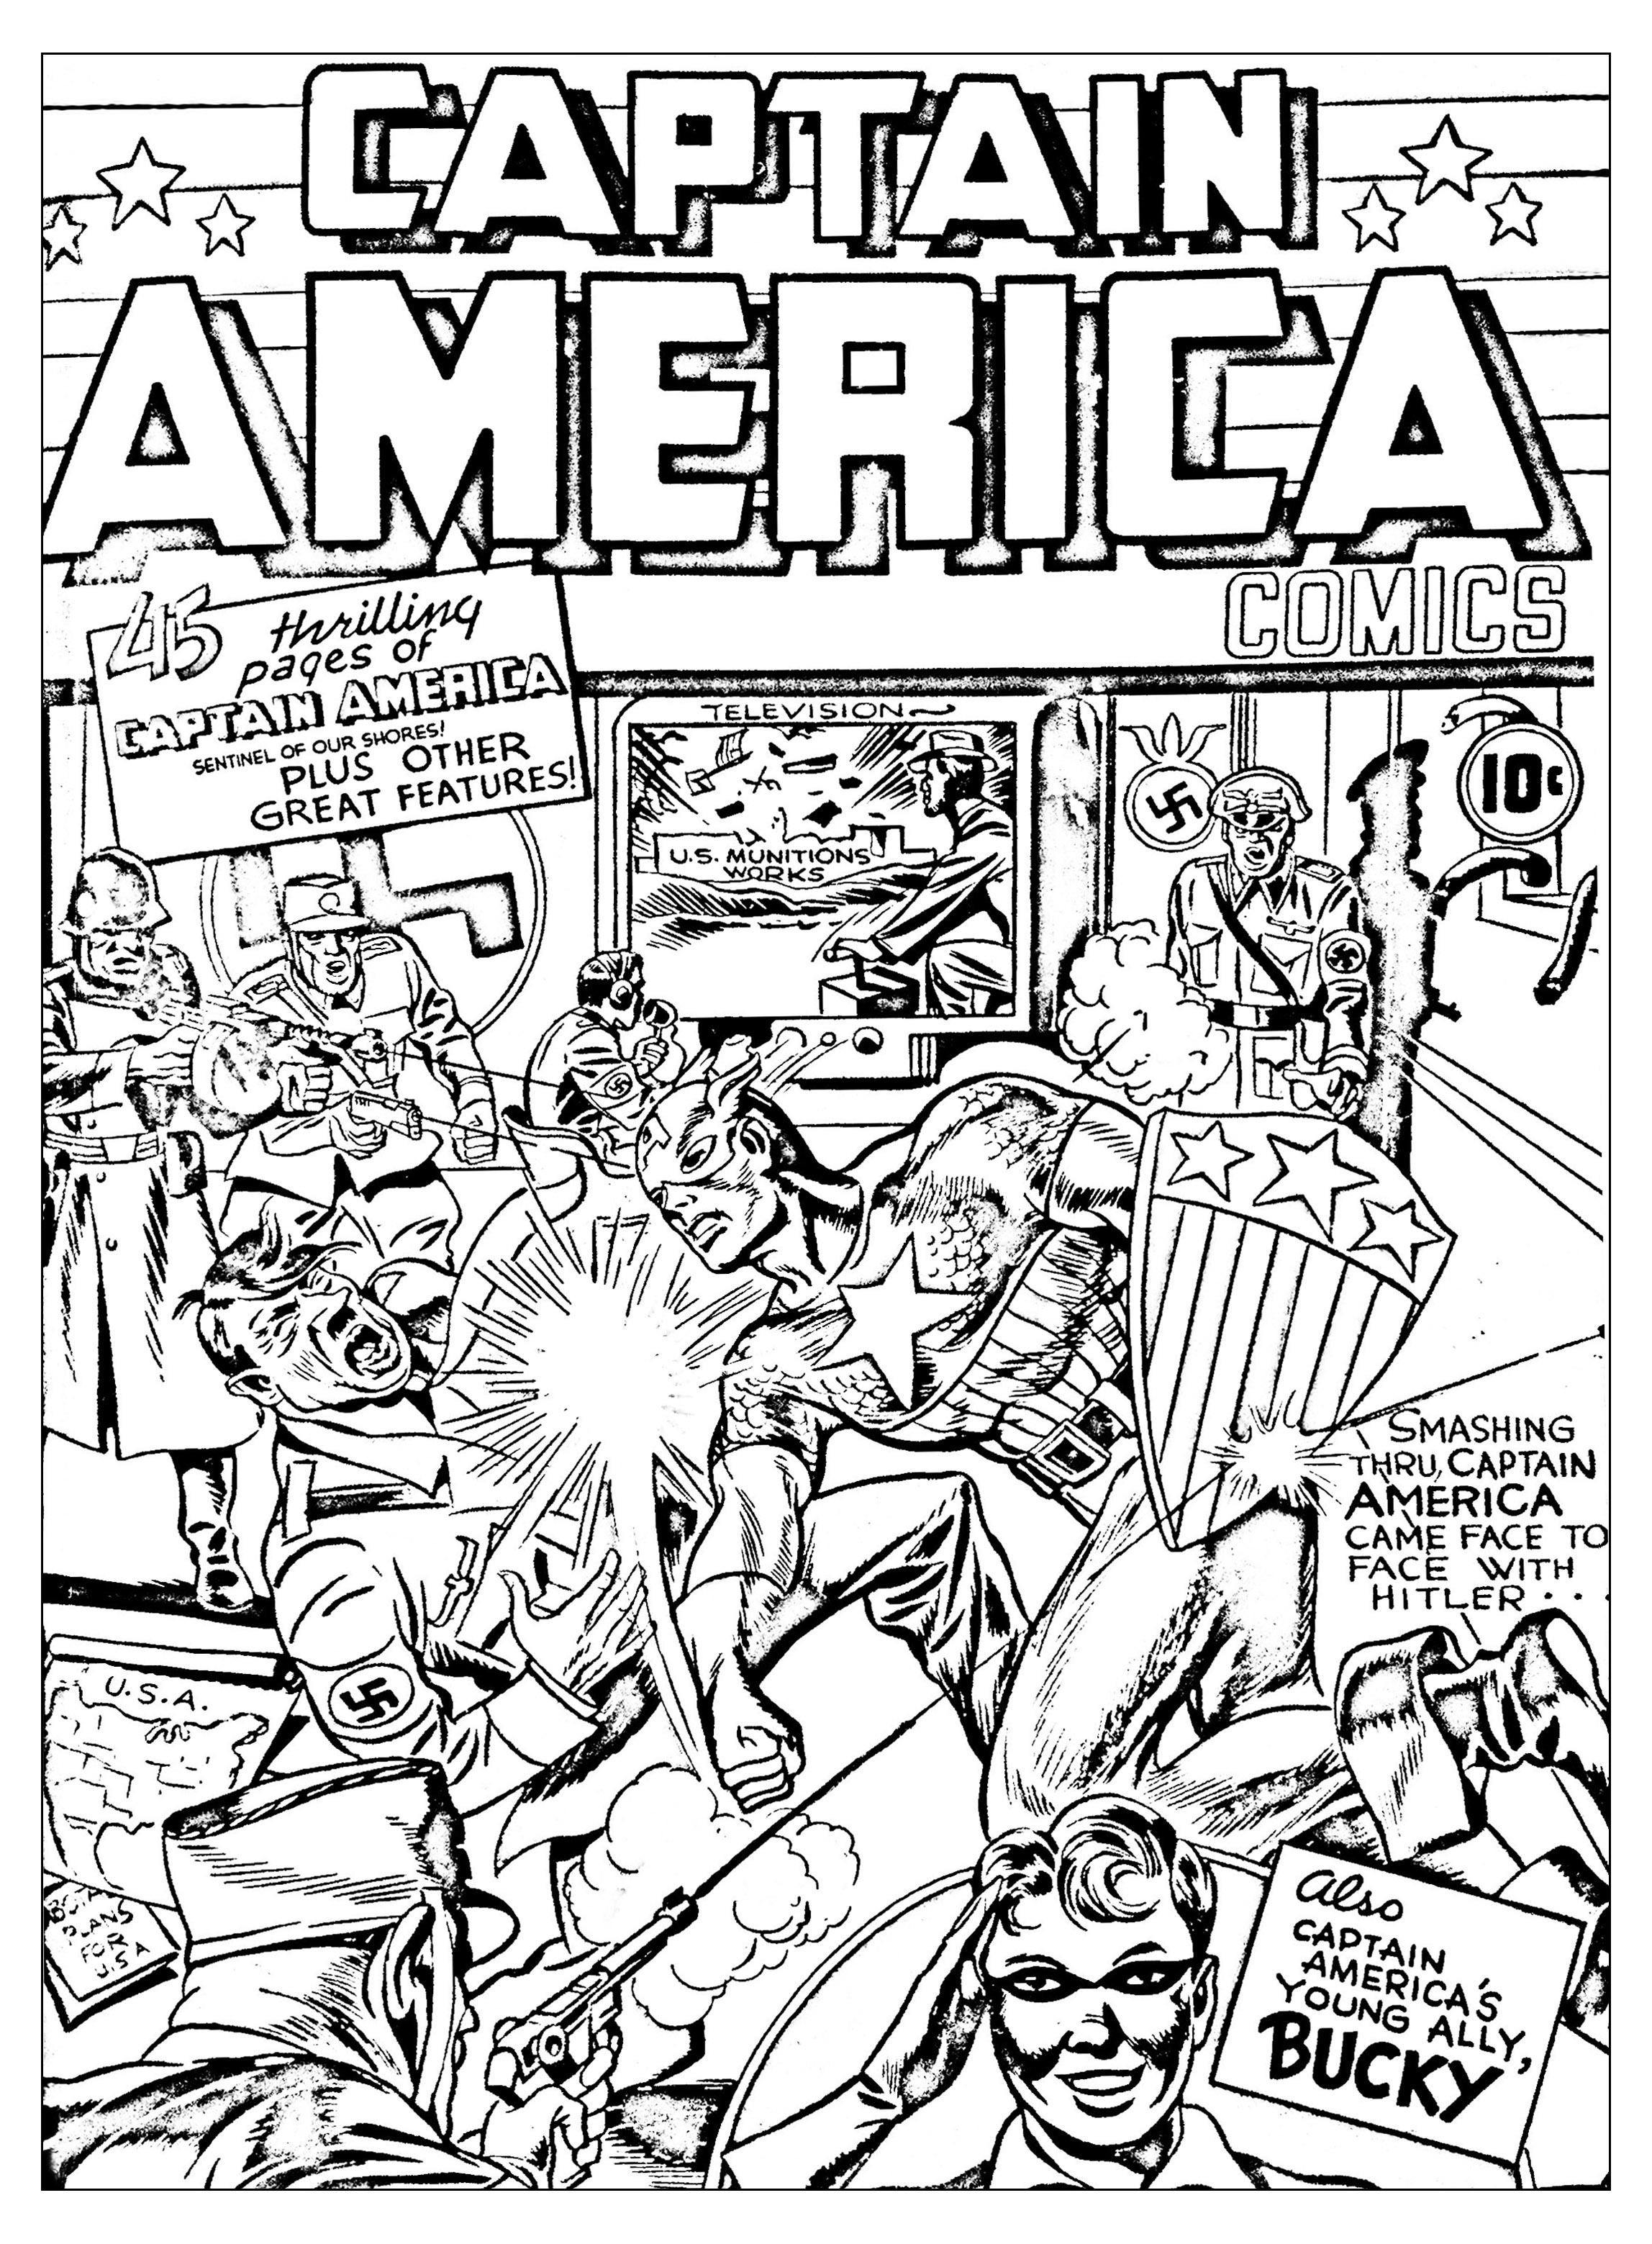 Libri E Fumetti 7917 Libri E Fumetti Disegni Da Colorare Per Adulti